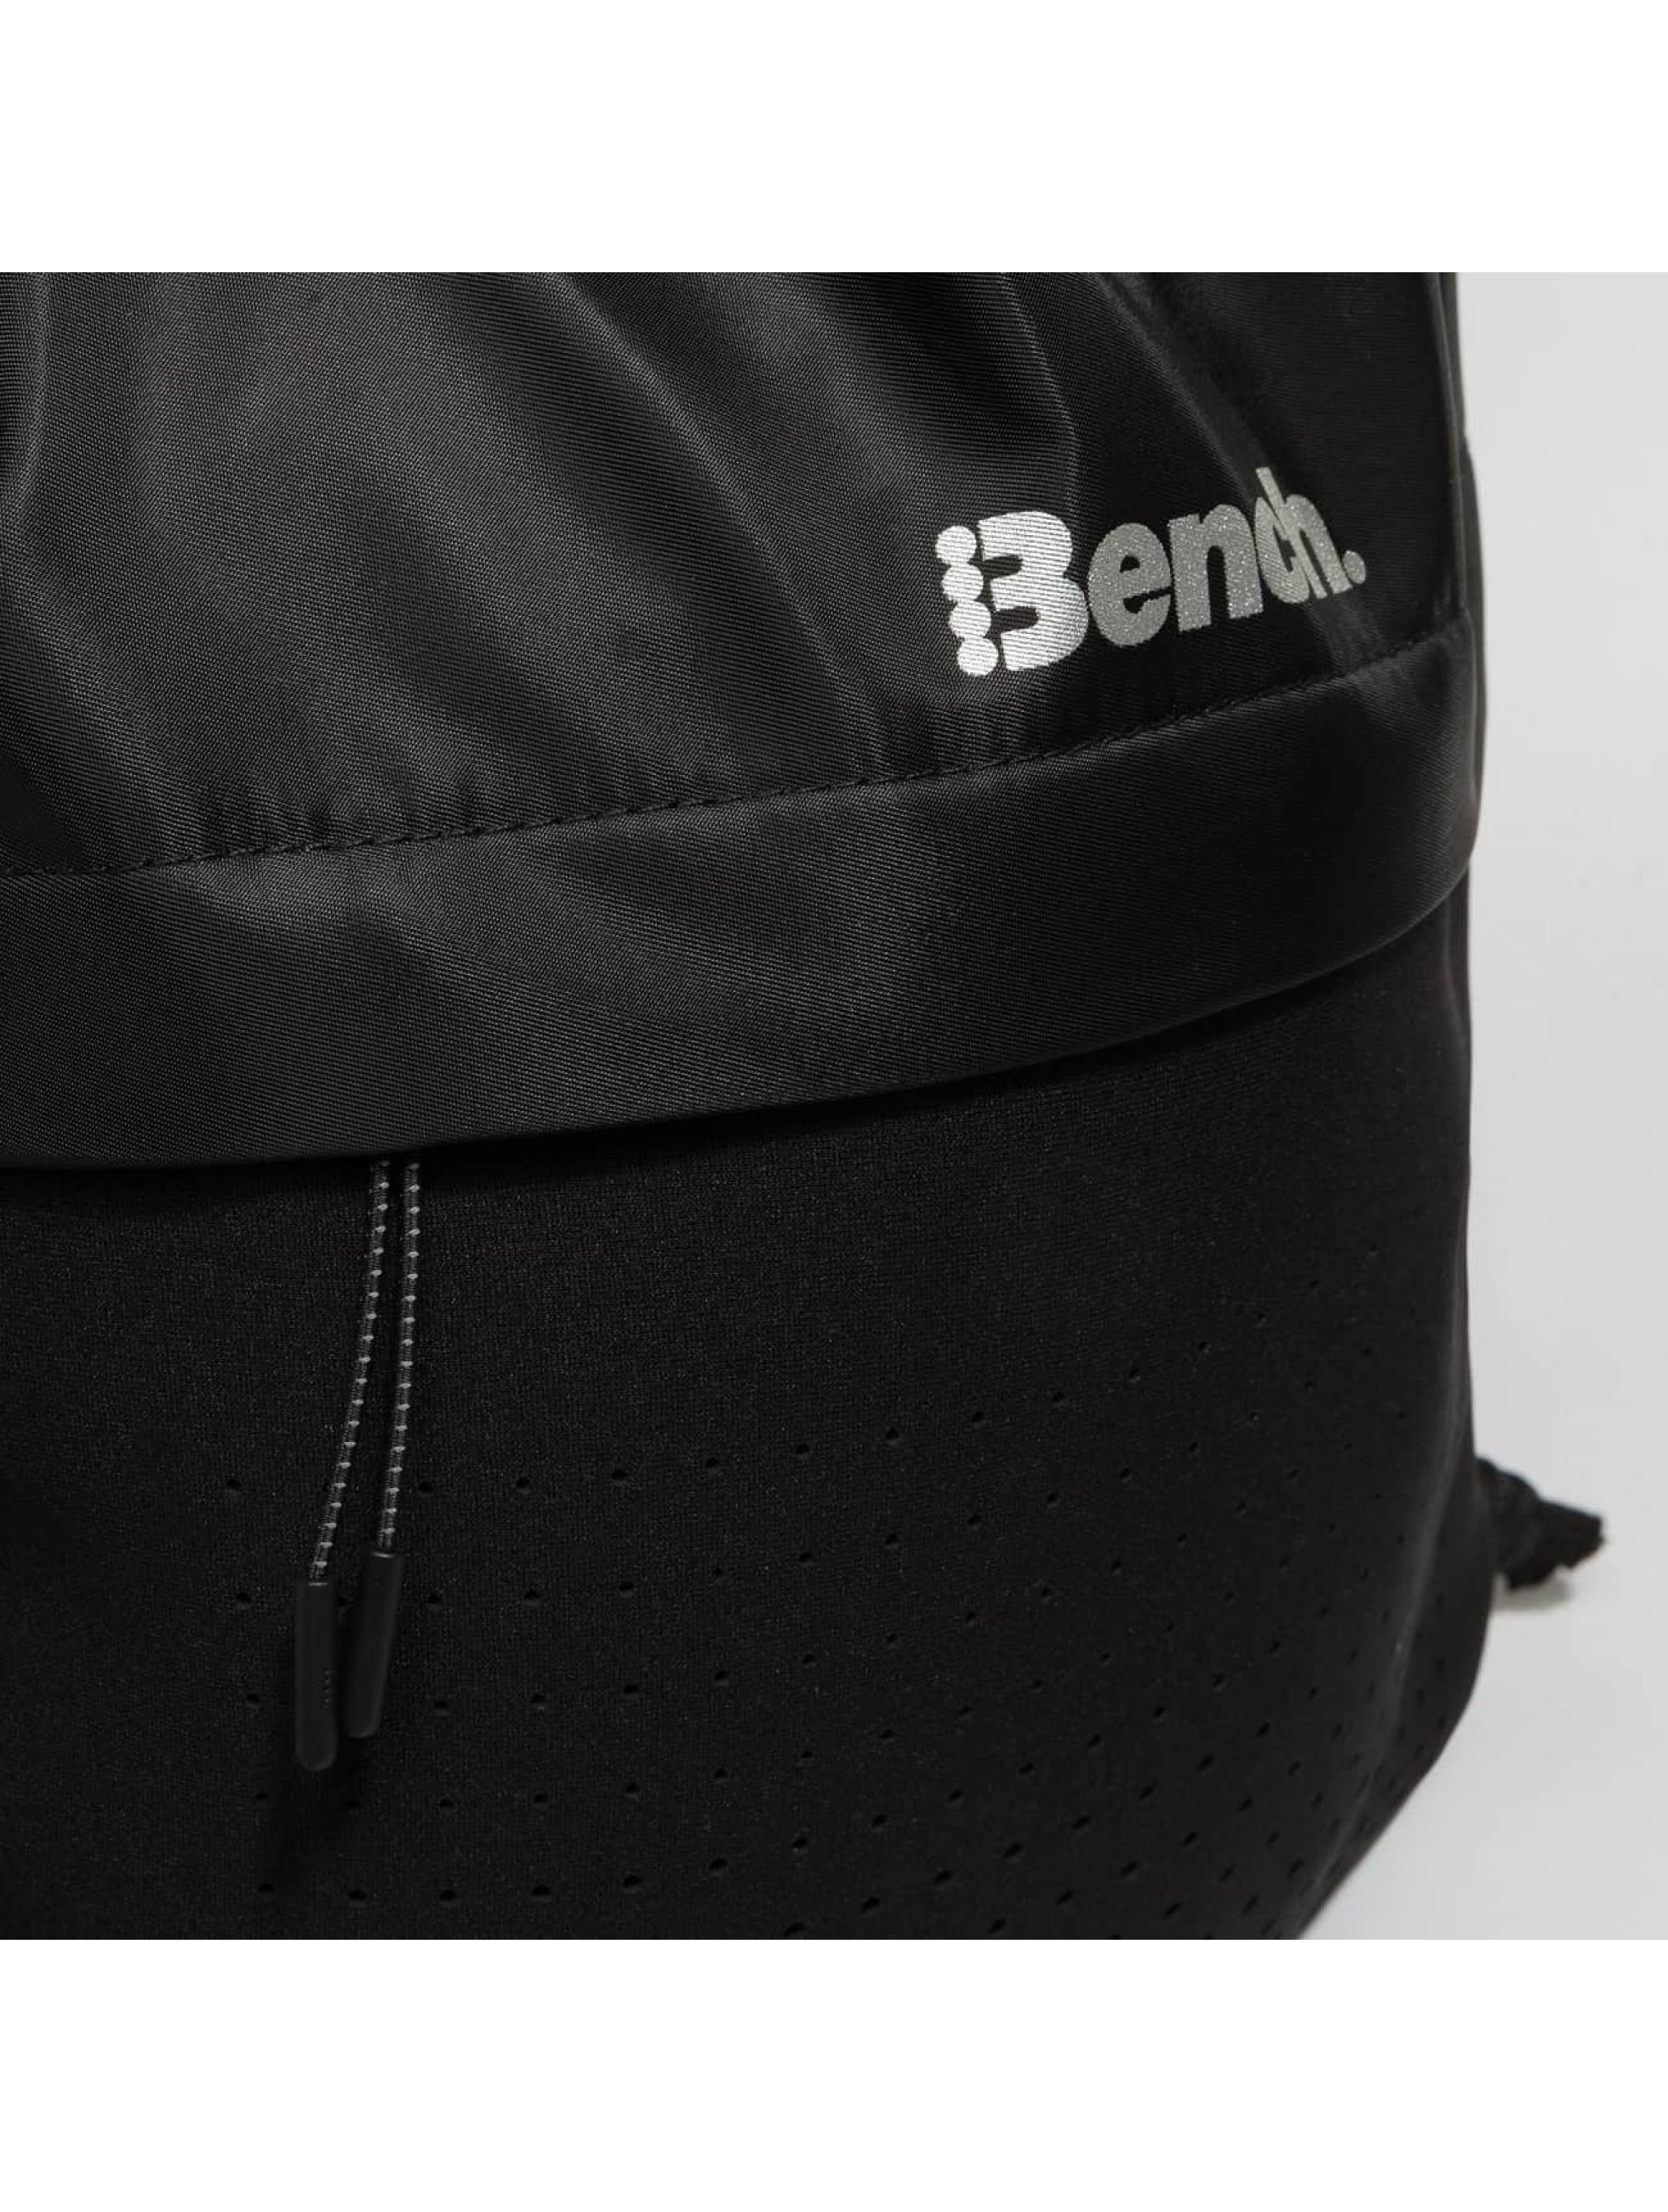 Bench Beutel Smart schwarz